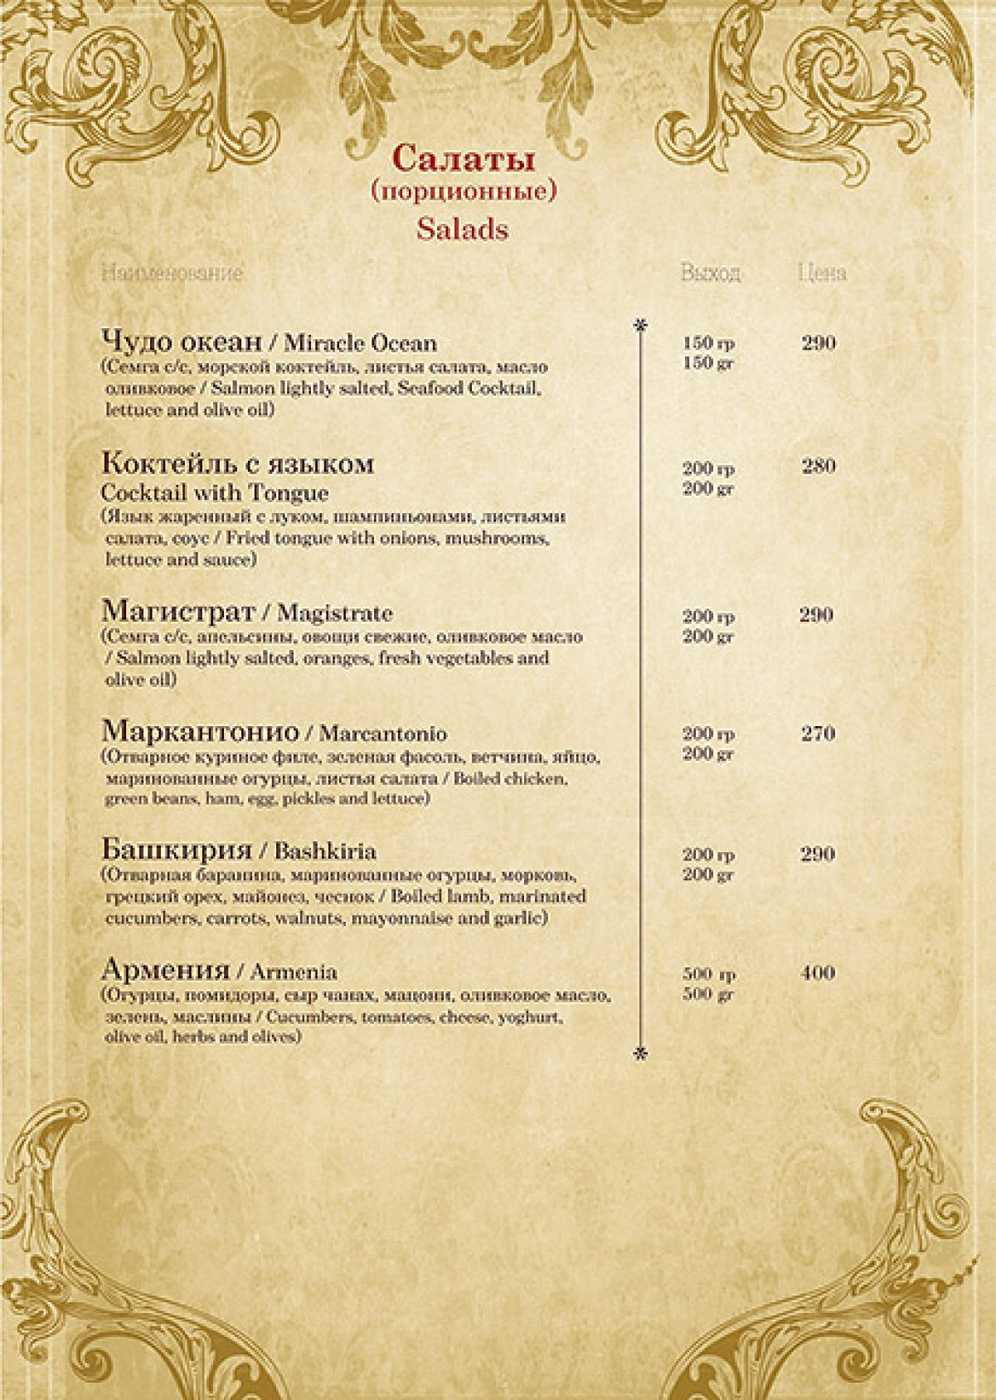 империя омск официальный сайт фото